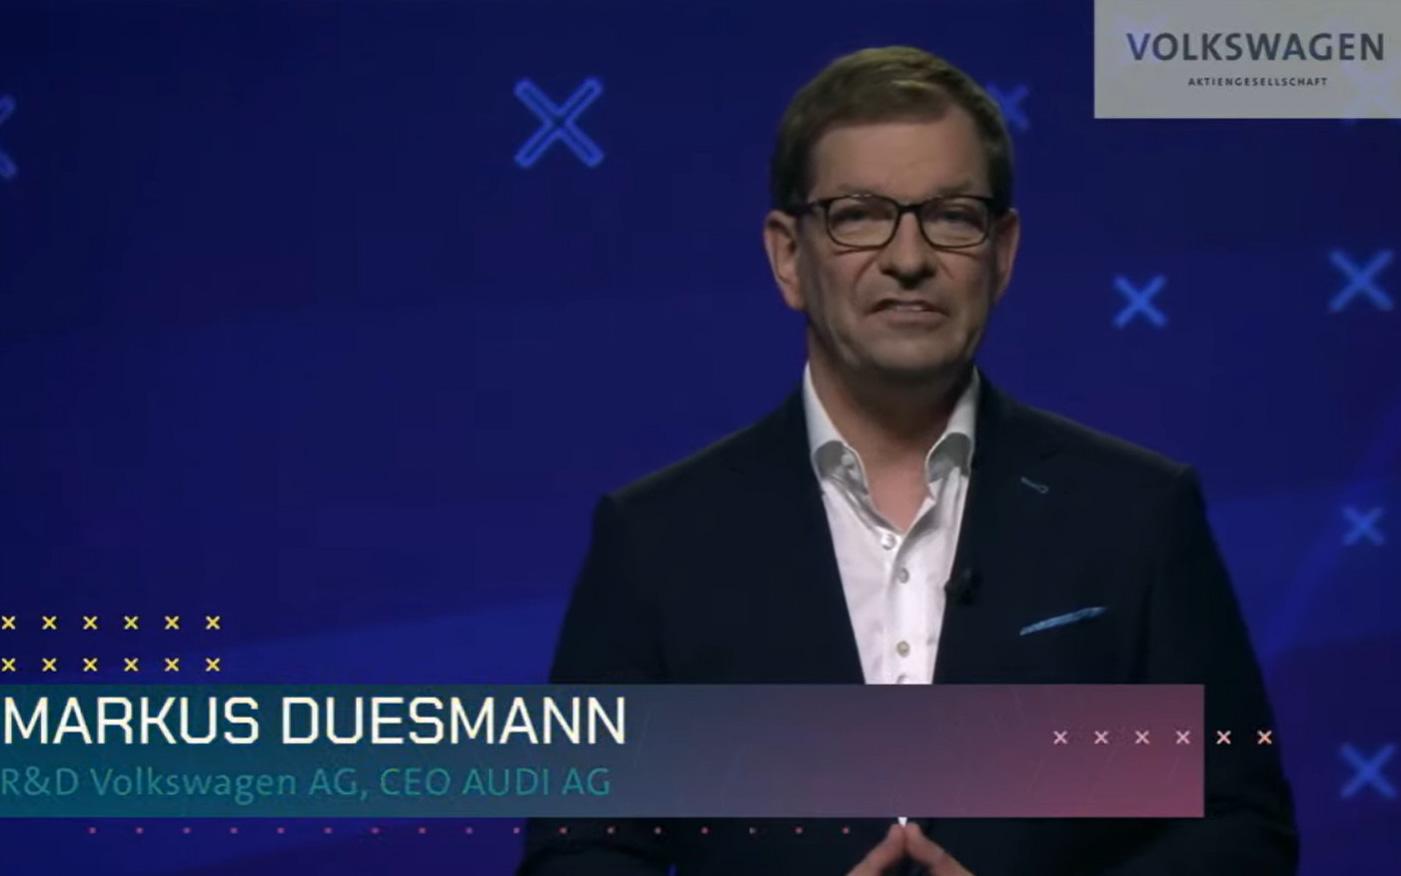 Audi AG CEO 兼 フォルクスワーゲン・グループ 研究開発責任者 マルクス・ドゥスマン氏